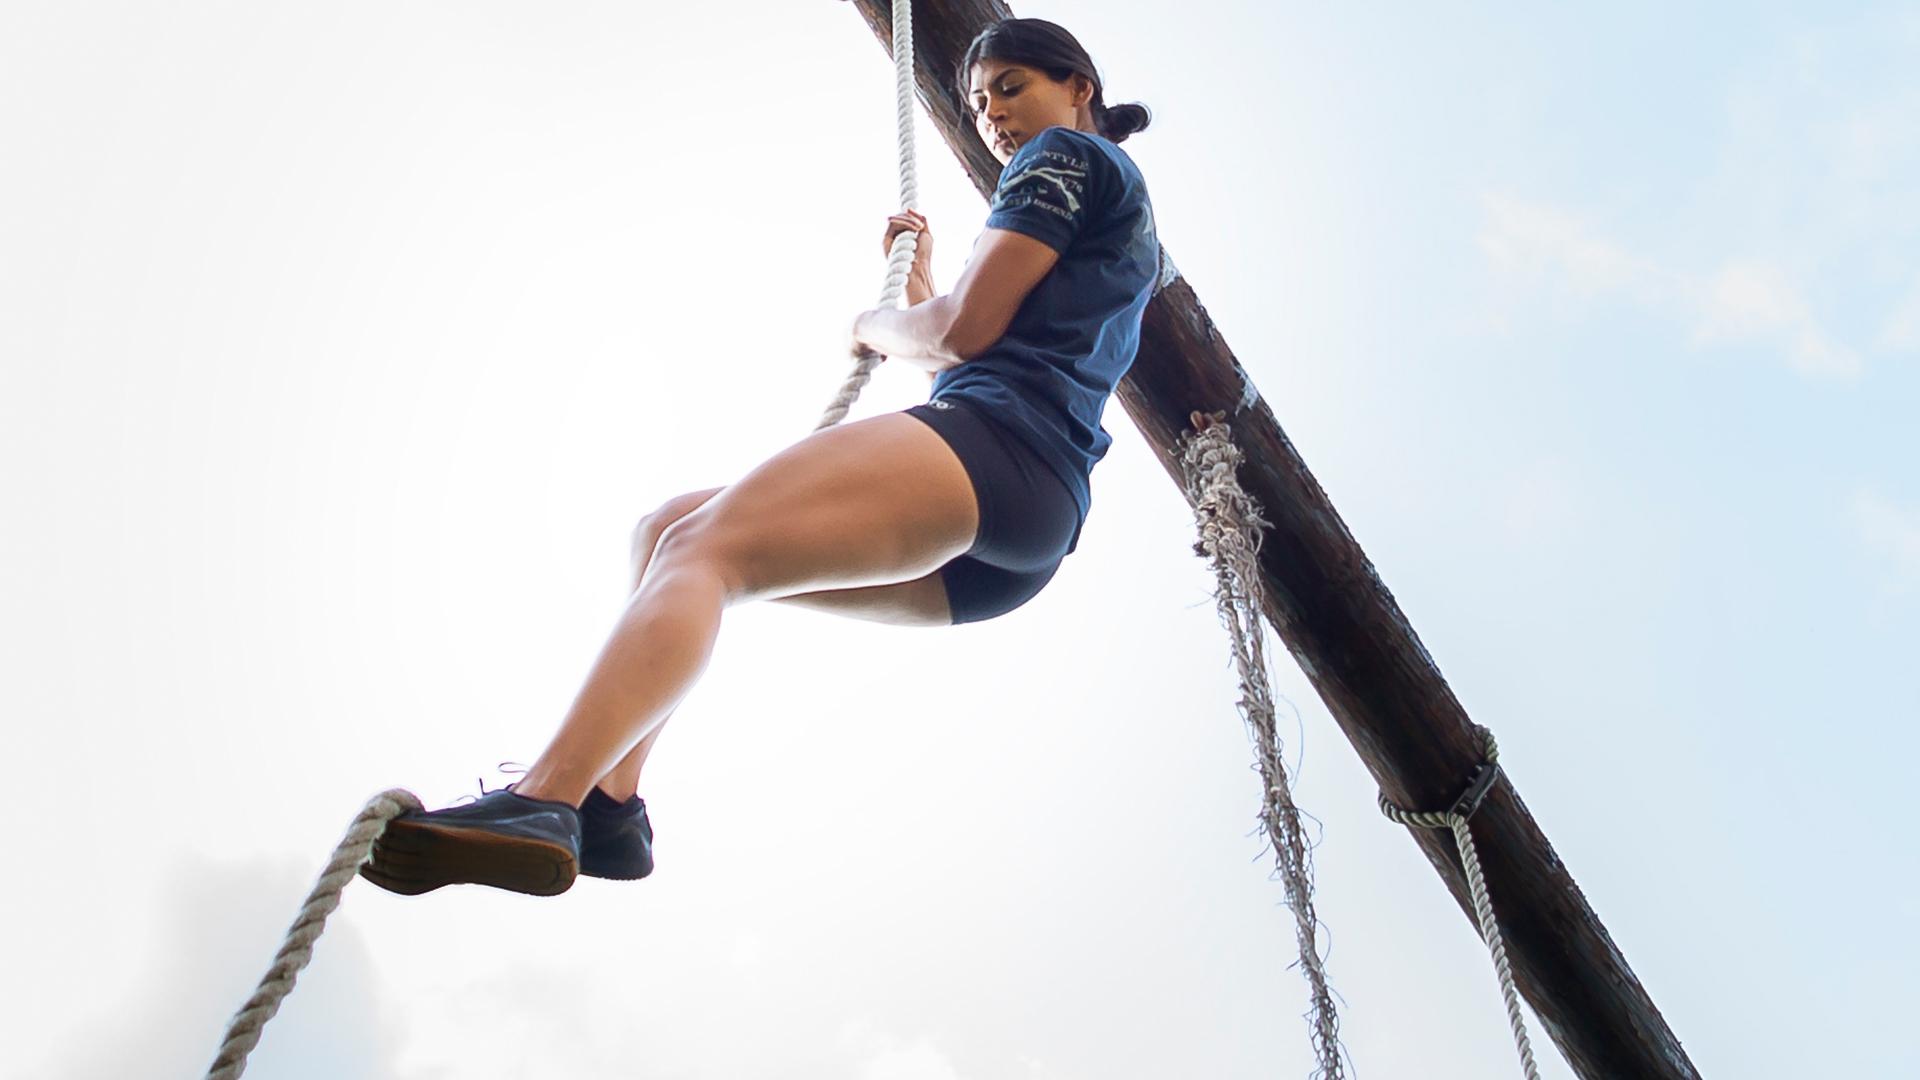 sapd-rope-climb.jpg